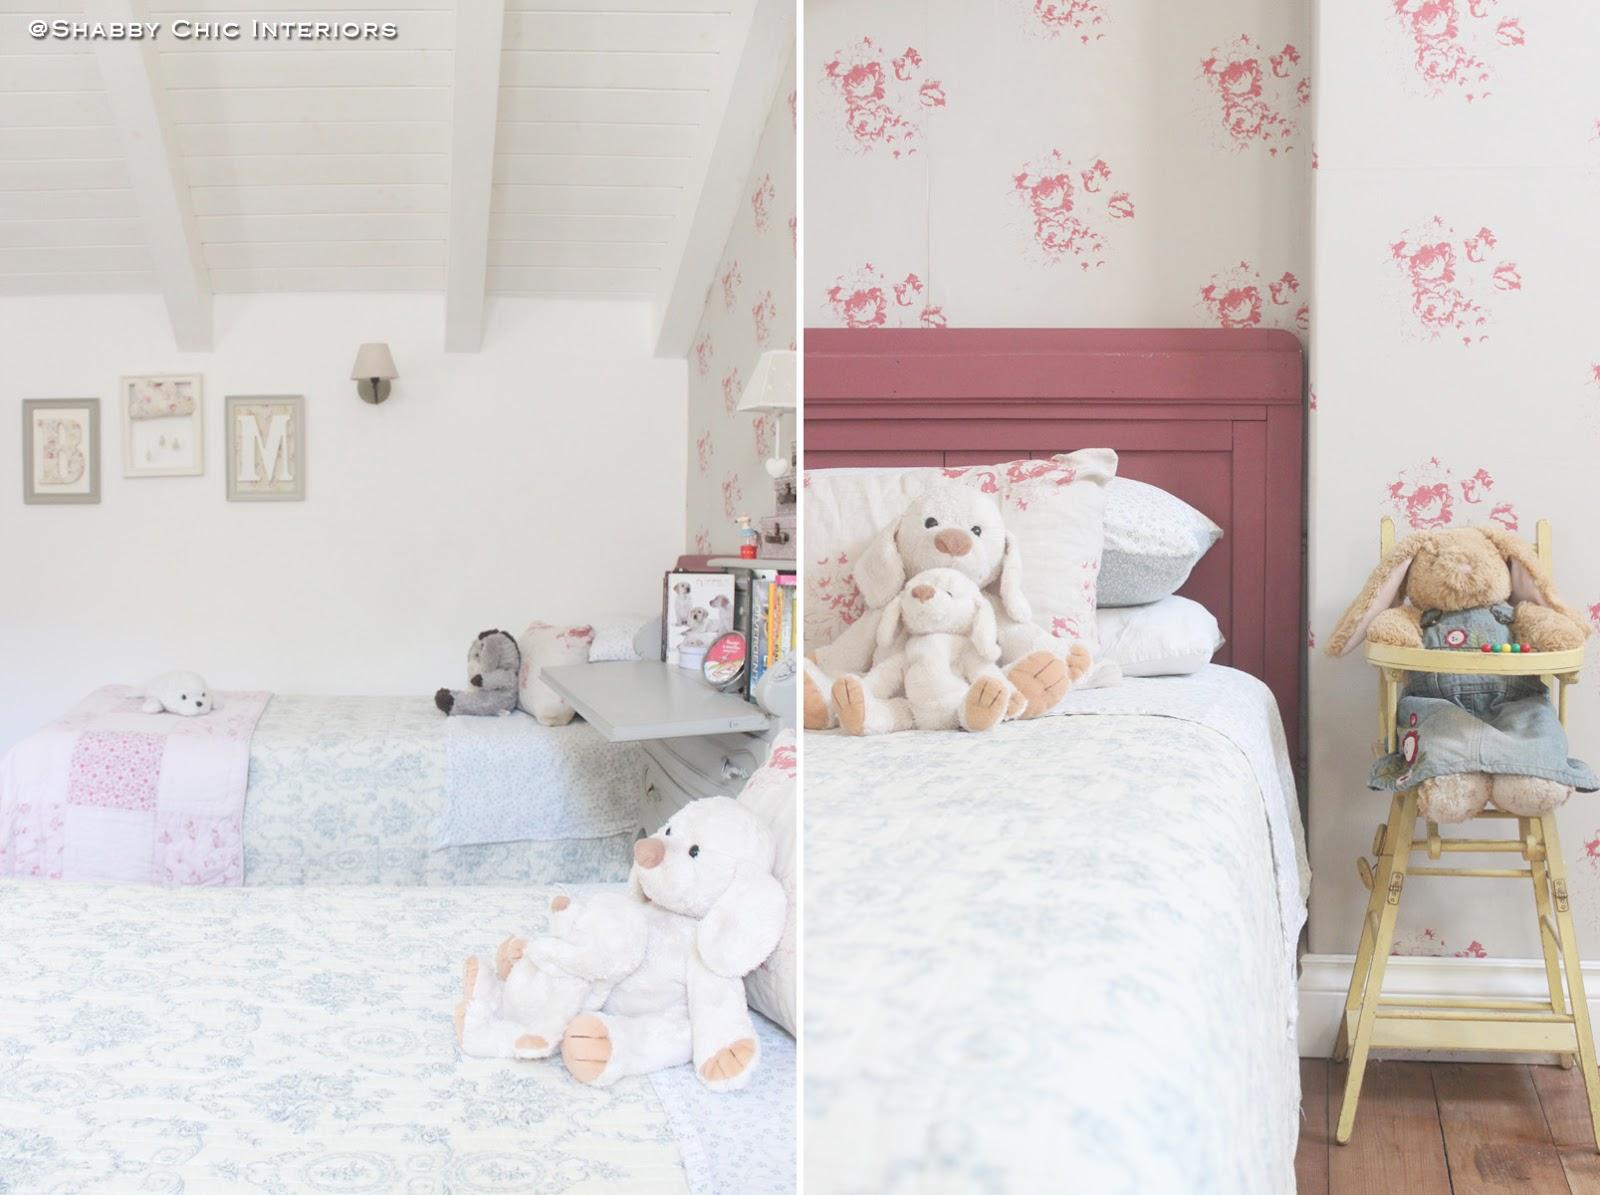 Boutis provenzale shabby chic interiors - Cameretta stile provenzale ...